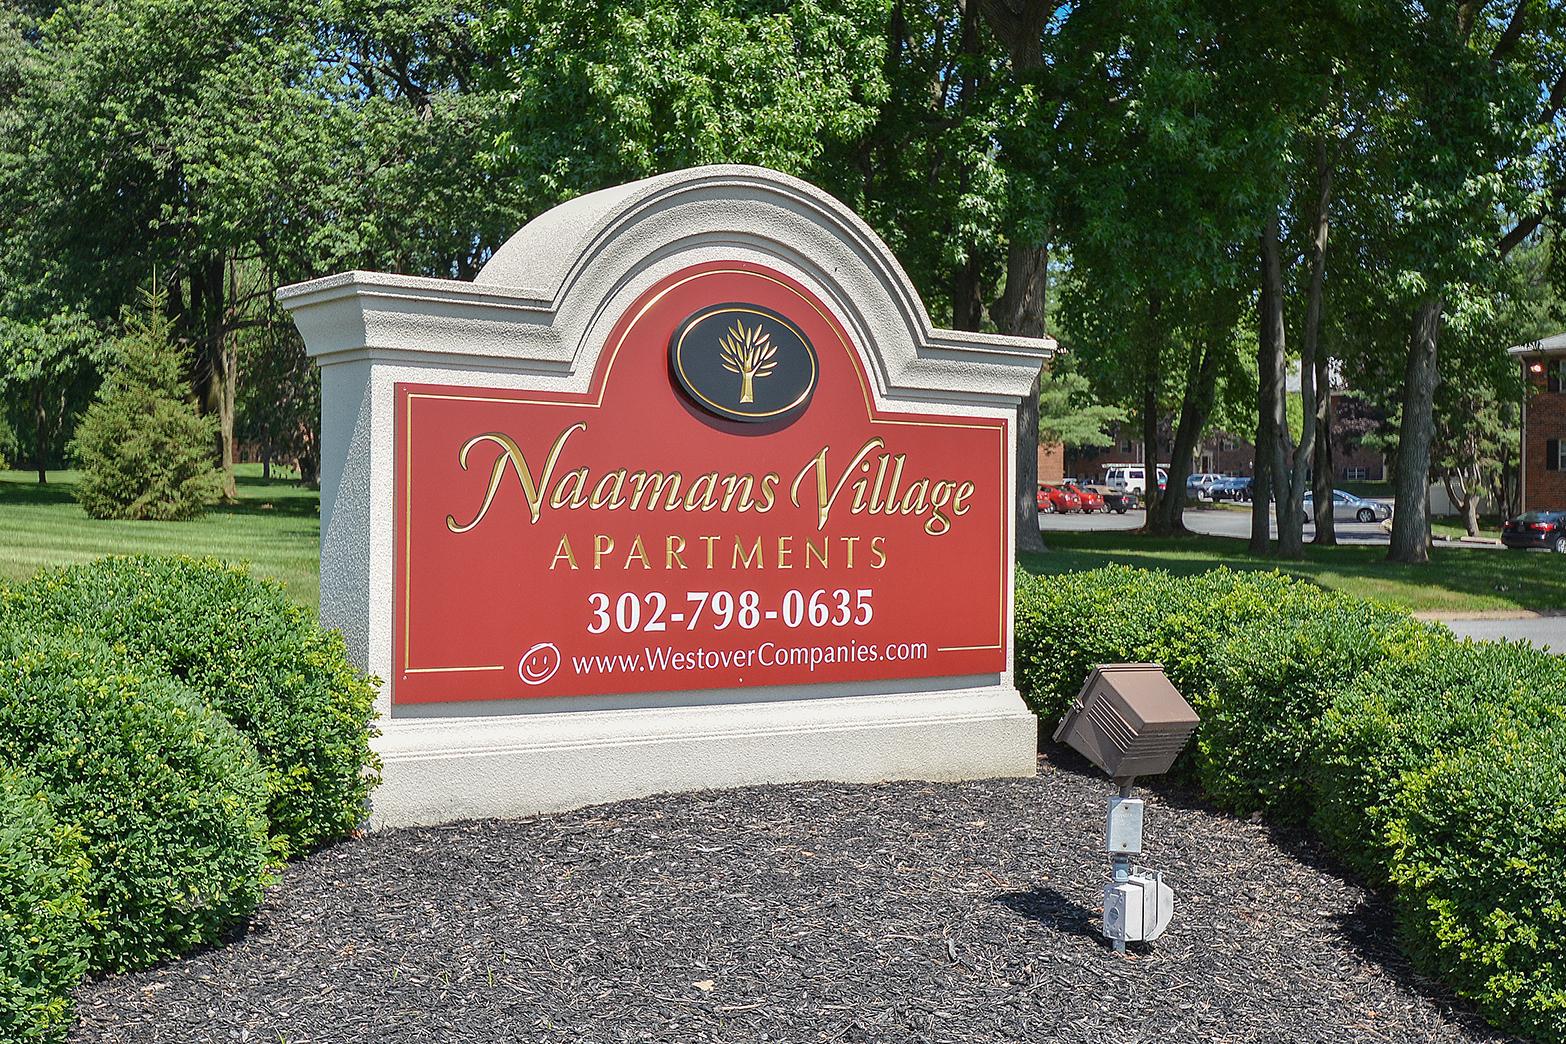 Naamans Village Apartments, Claymont, DE | Claymont, DE Apartments for Rent